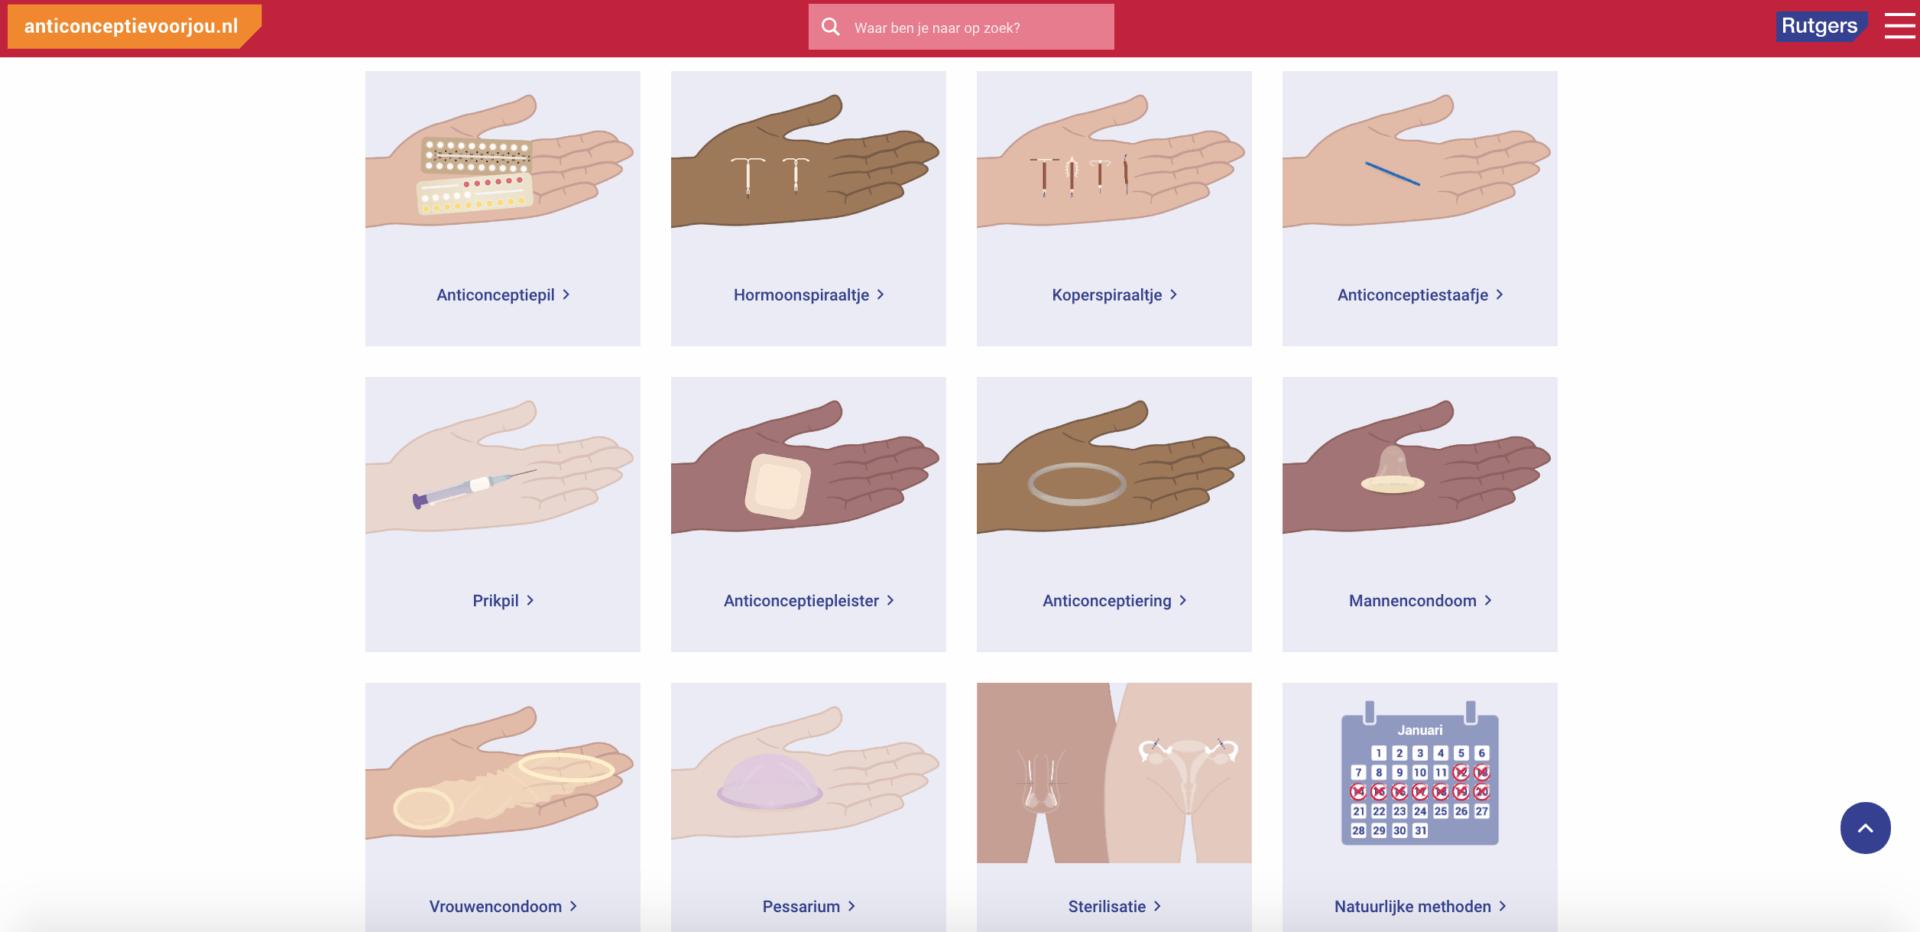 Screenshot 3 van anticonceptievoorjou.nl, website voor Rutgers, gebouwd Stuurlui fullservice WordPress bureau